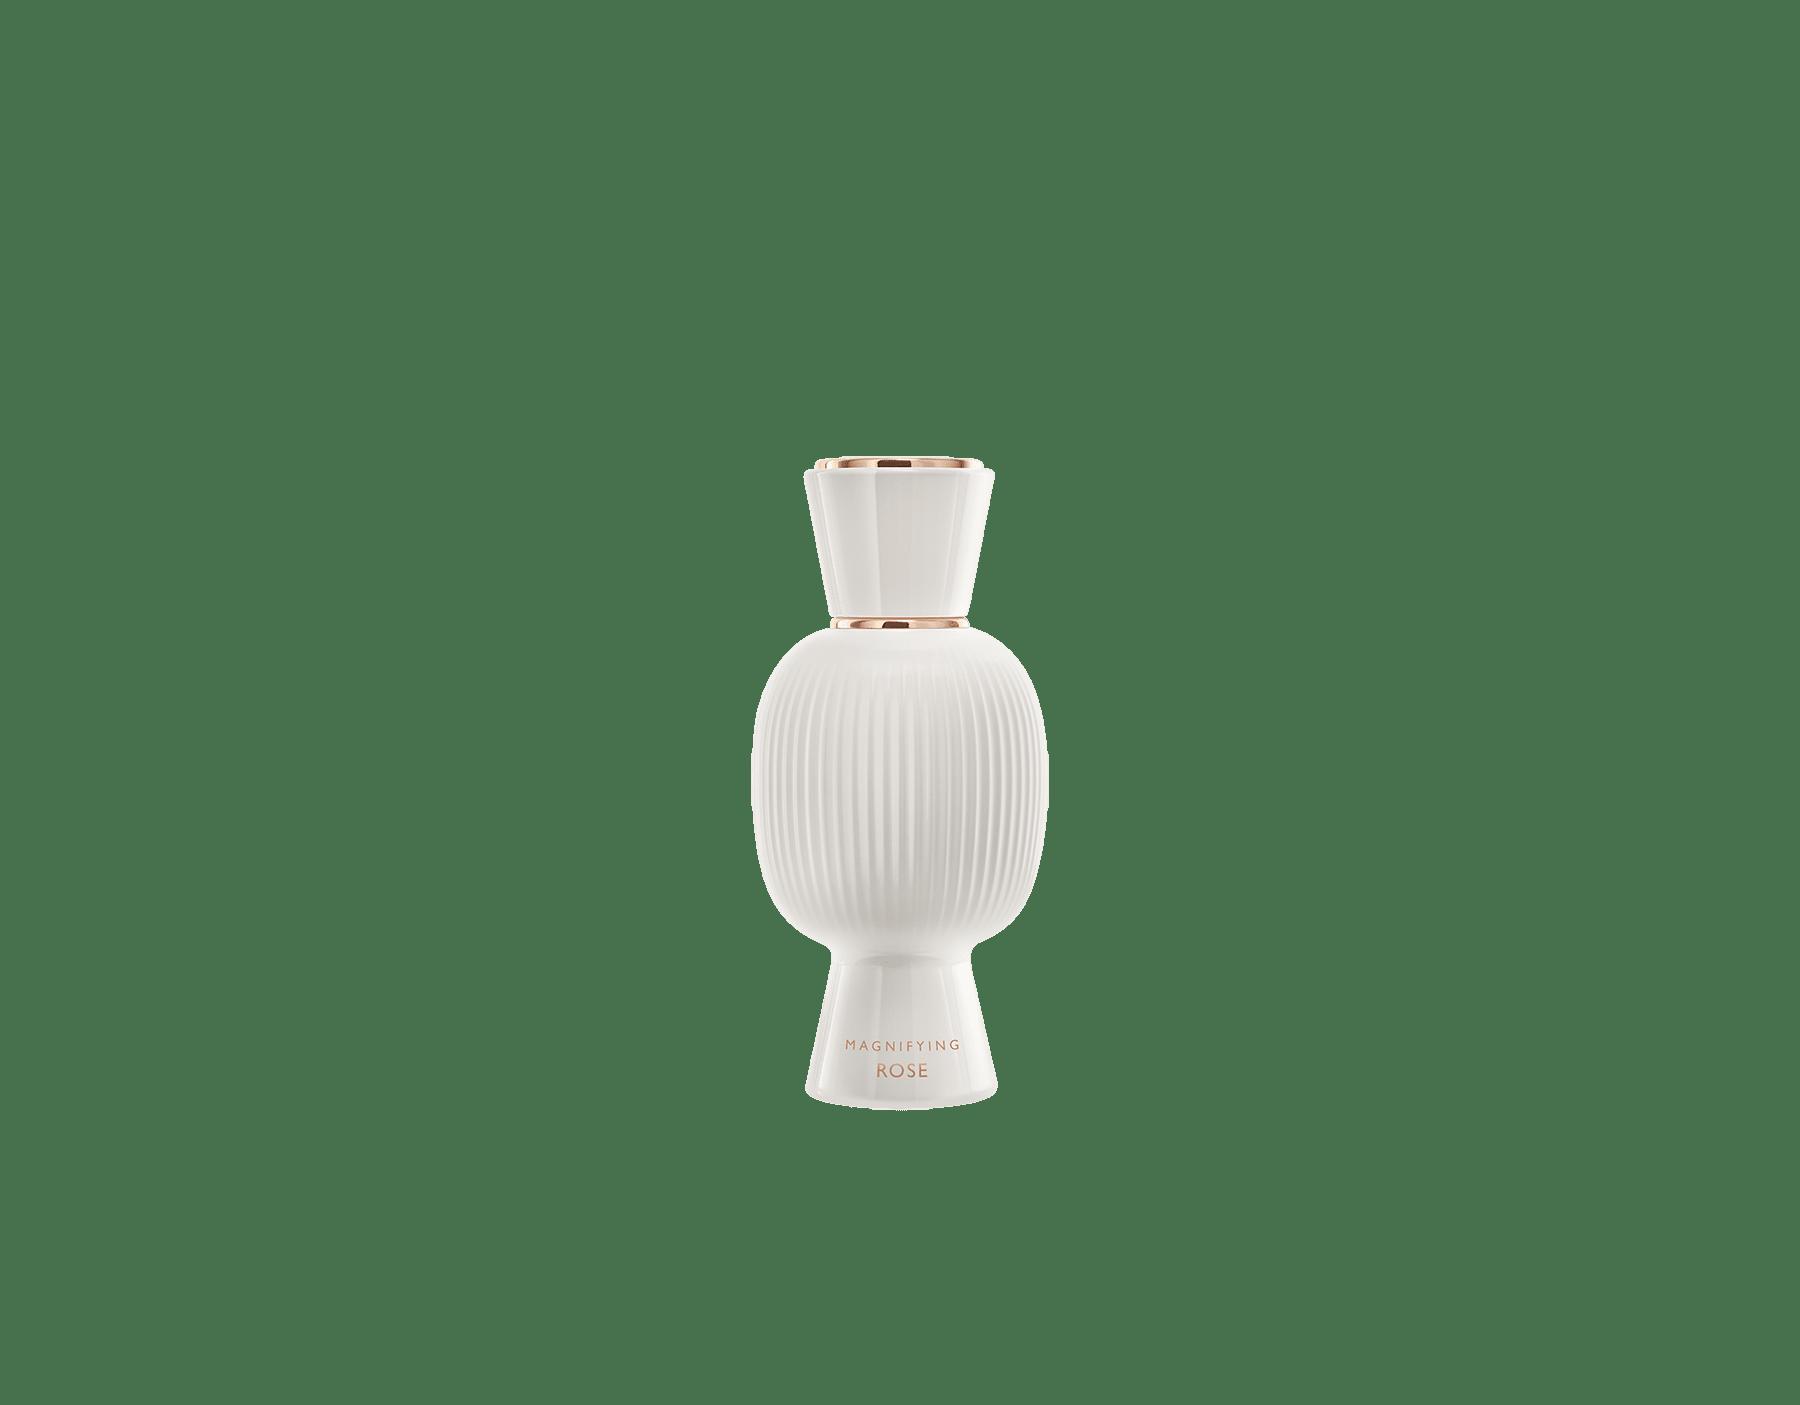 Una exclusiva combinación de perfumes, tan audaz y única como usted. El magnífico Eau de Parfum floral Fiori d'Amore de Allegra se combina con la voluptuosa intensidad de la Magnifying Rose Essence, creando un irresistible perfume femenino personalizado. Perfume-Set-Fiori-d-Amore-Eau-de-Parfum-and-Rose-Magnifying image 3